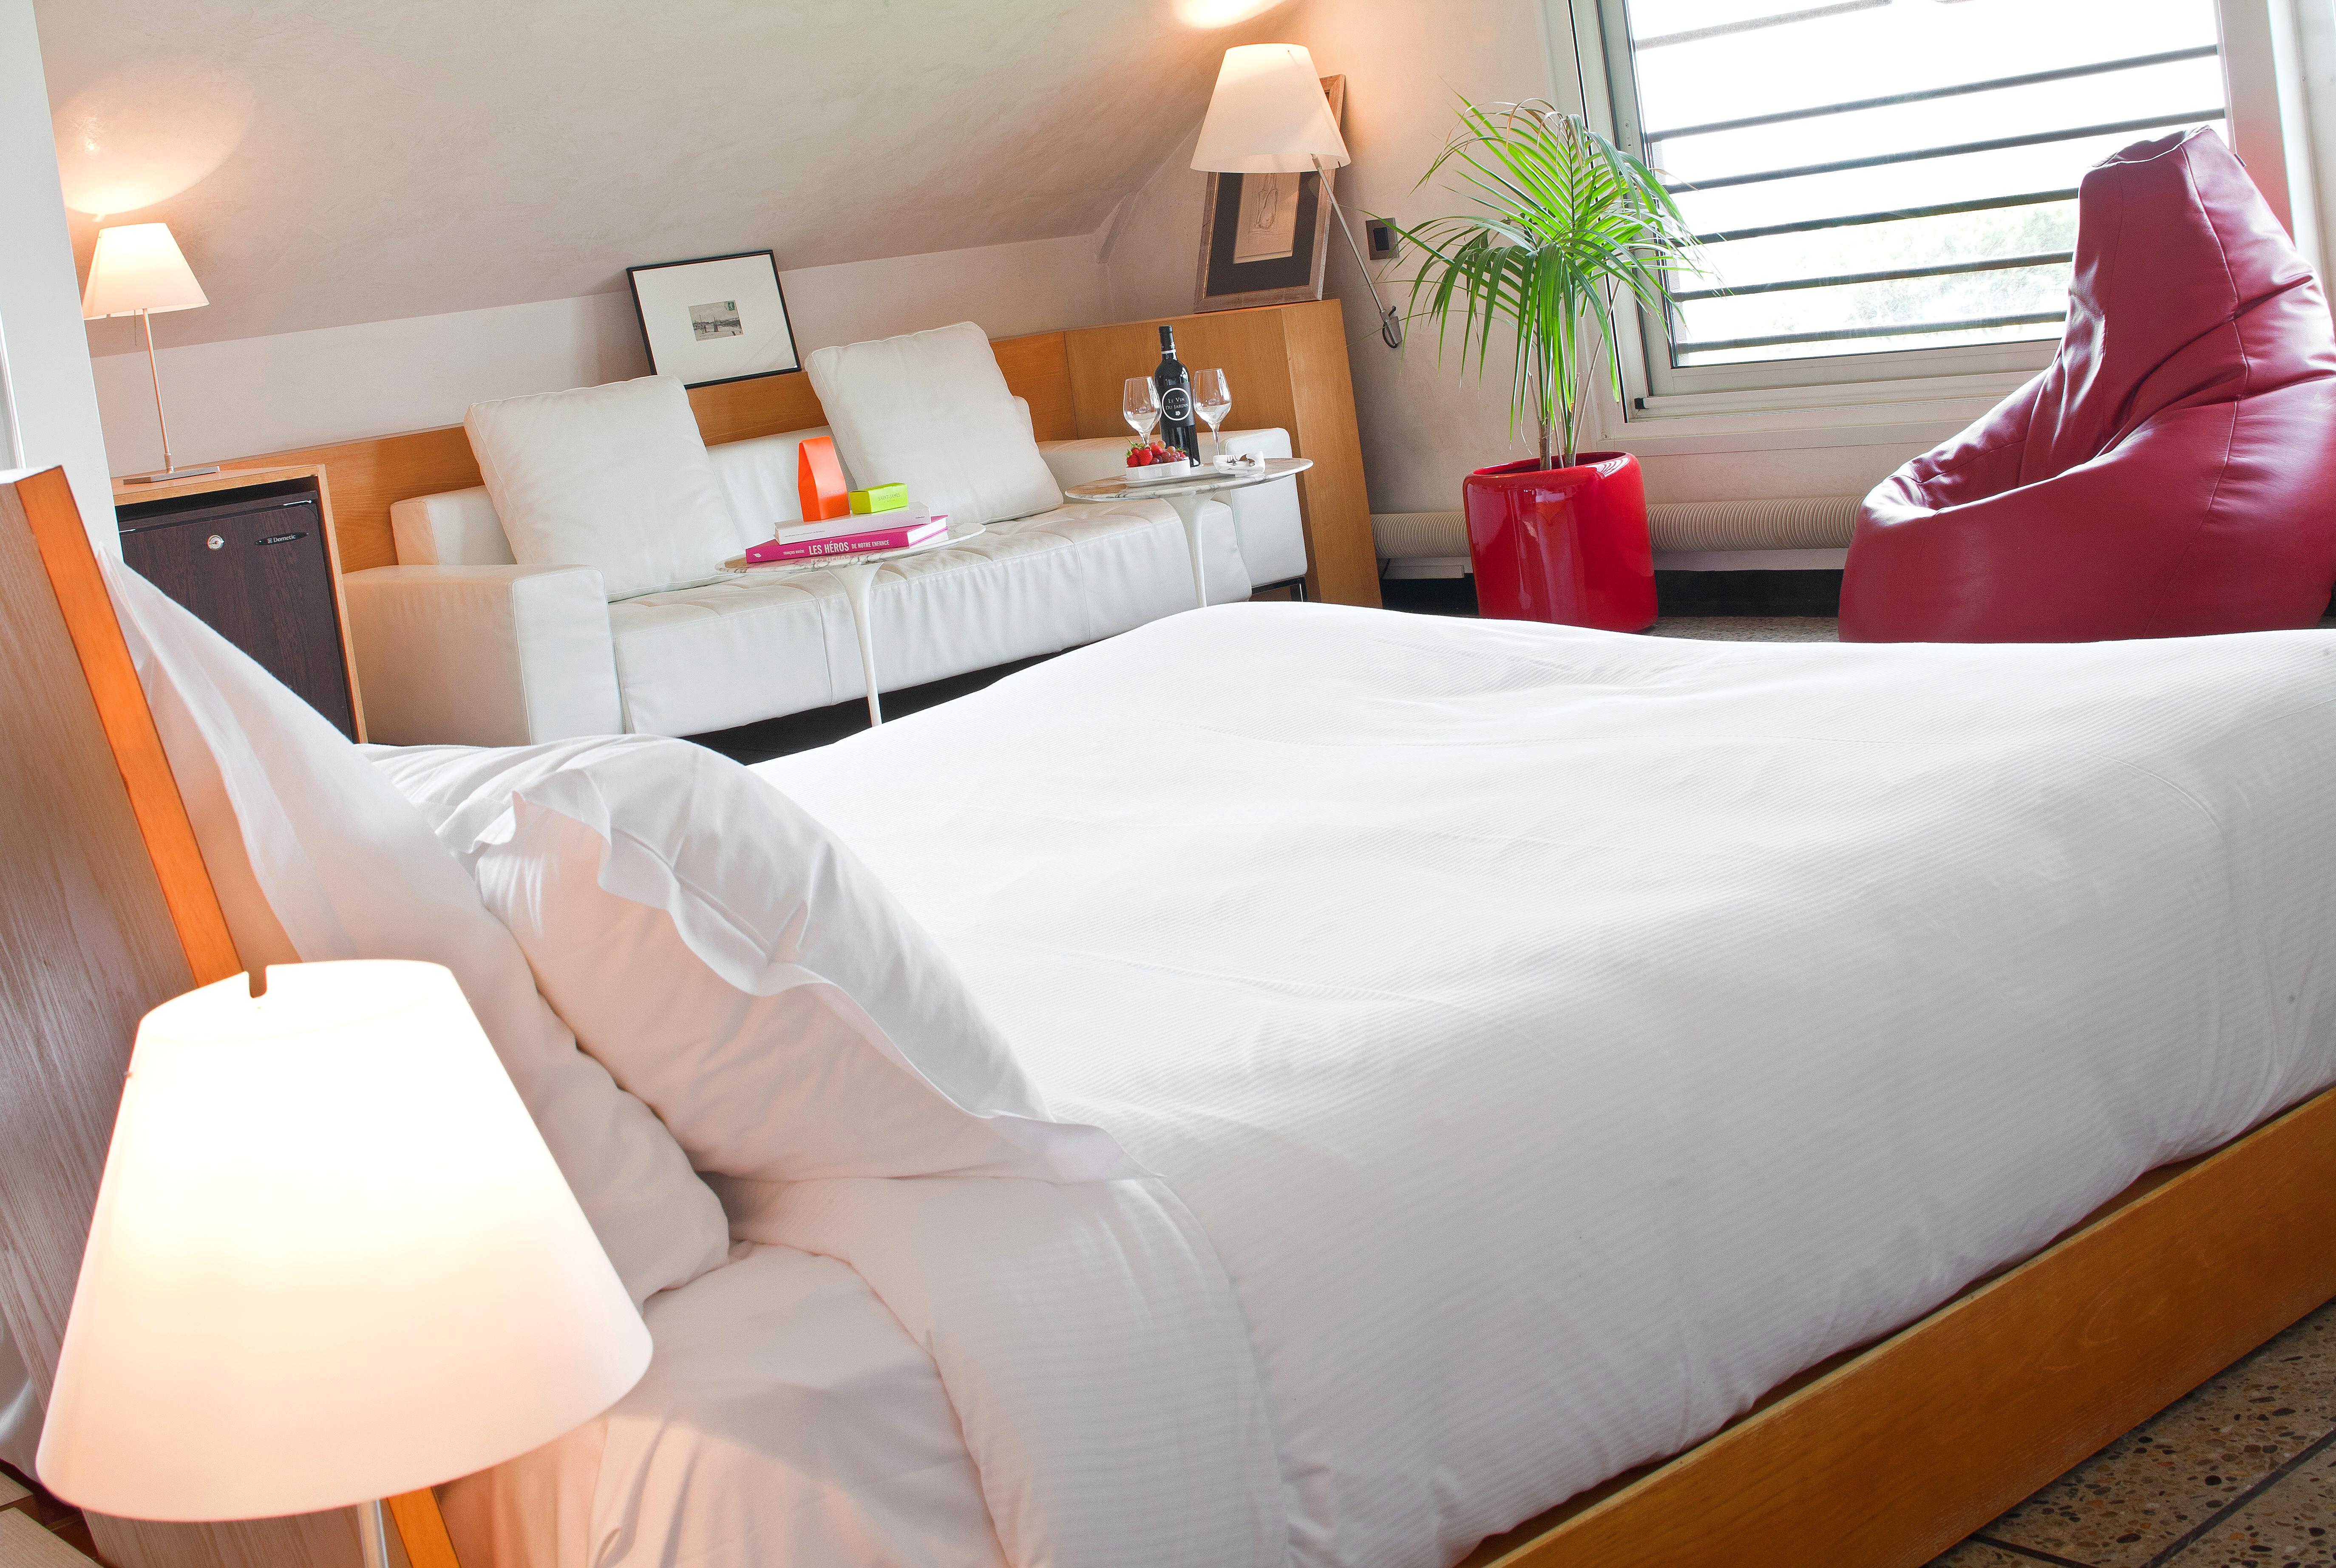 hotel-stj-suite-jacuzzi-1-droits-jerome-mondiere